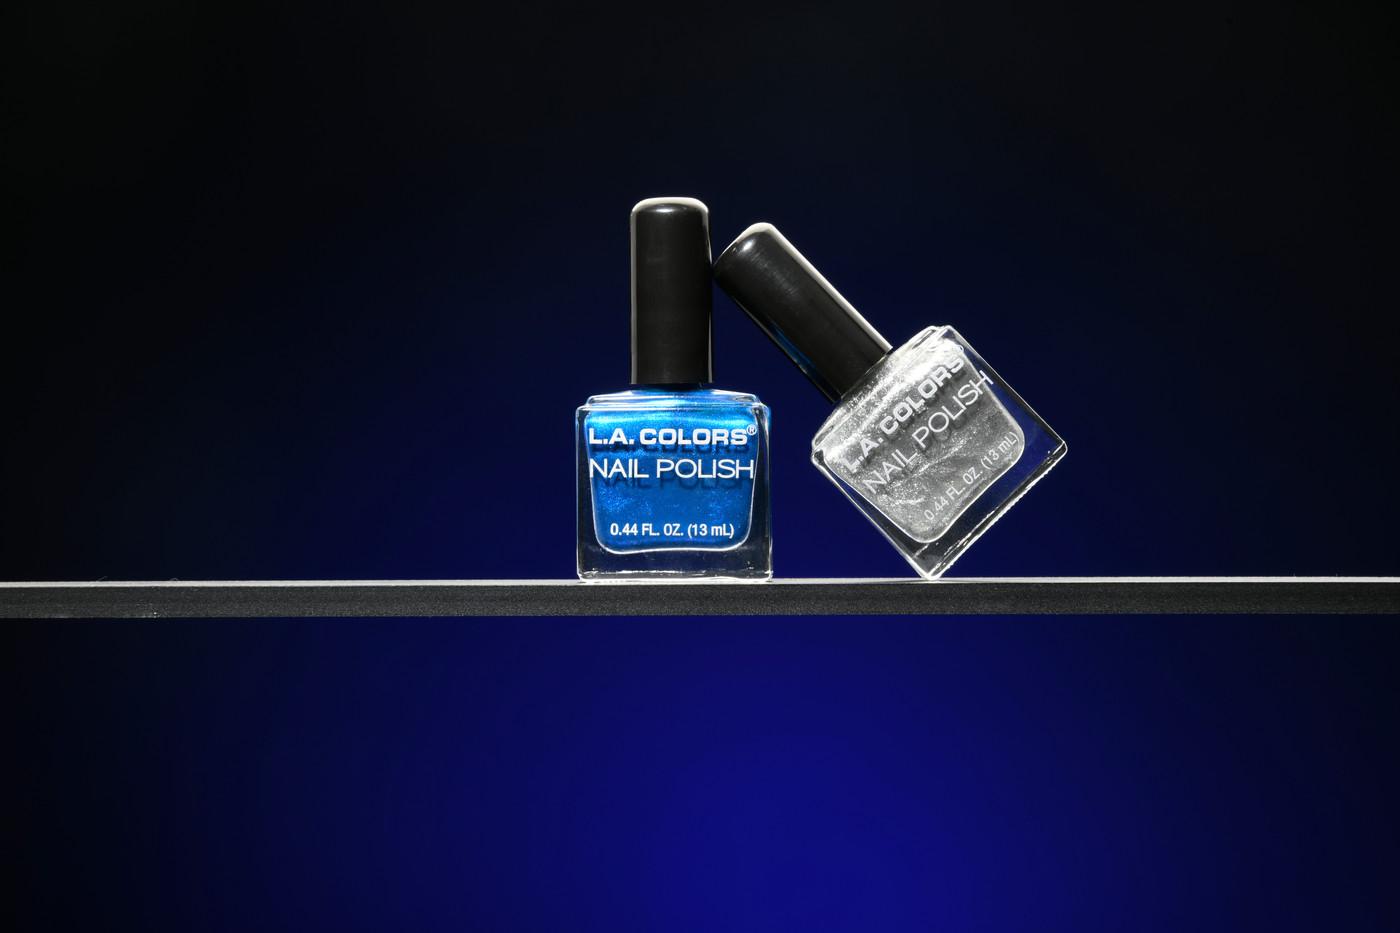 Product_Nail Polish_3.JPG